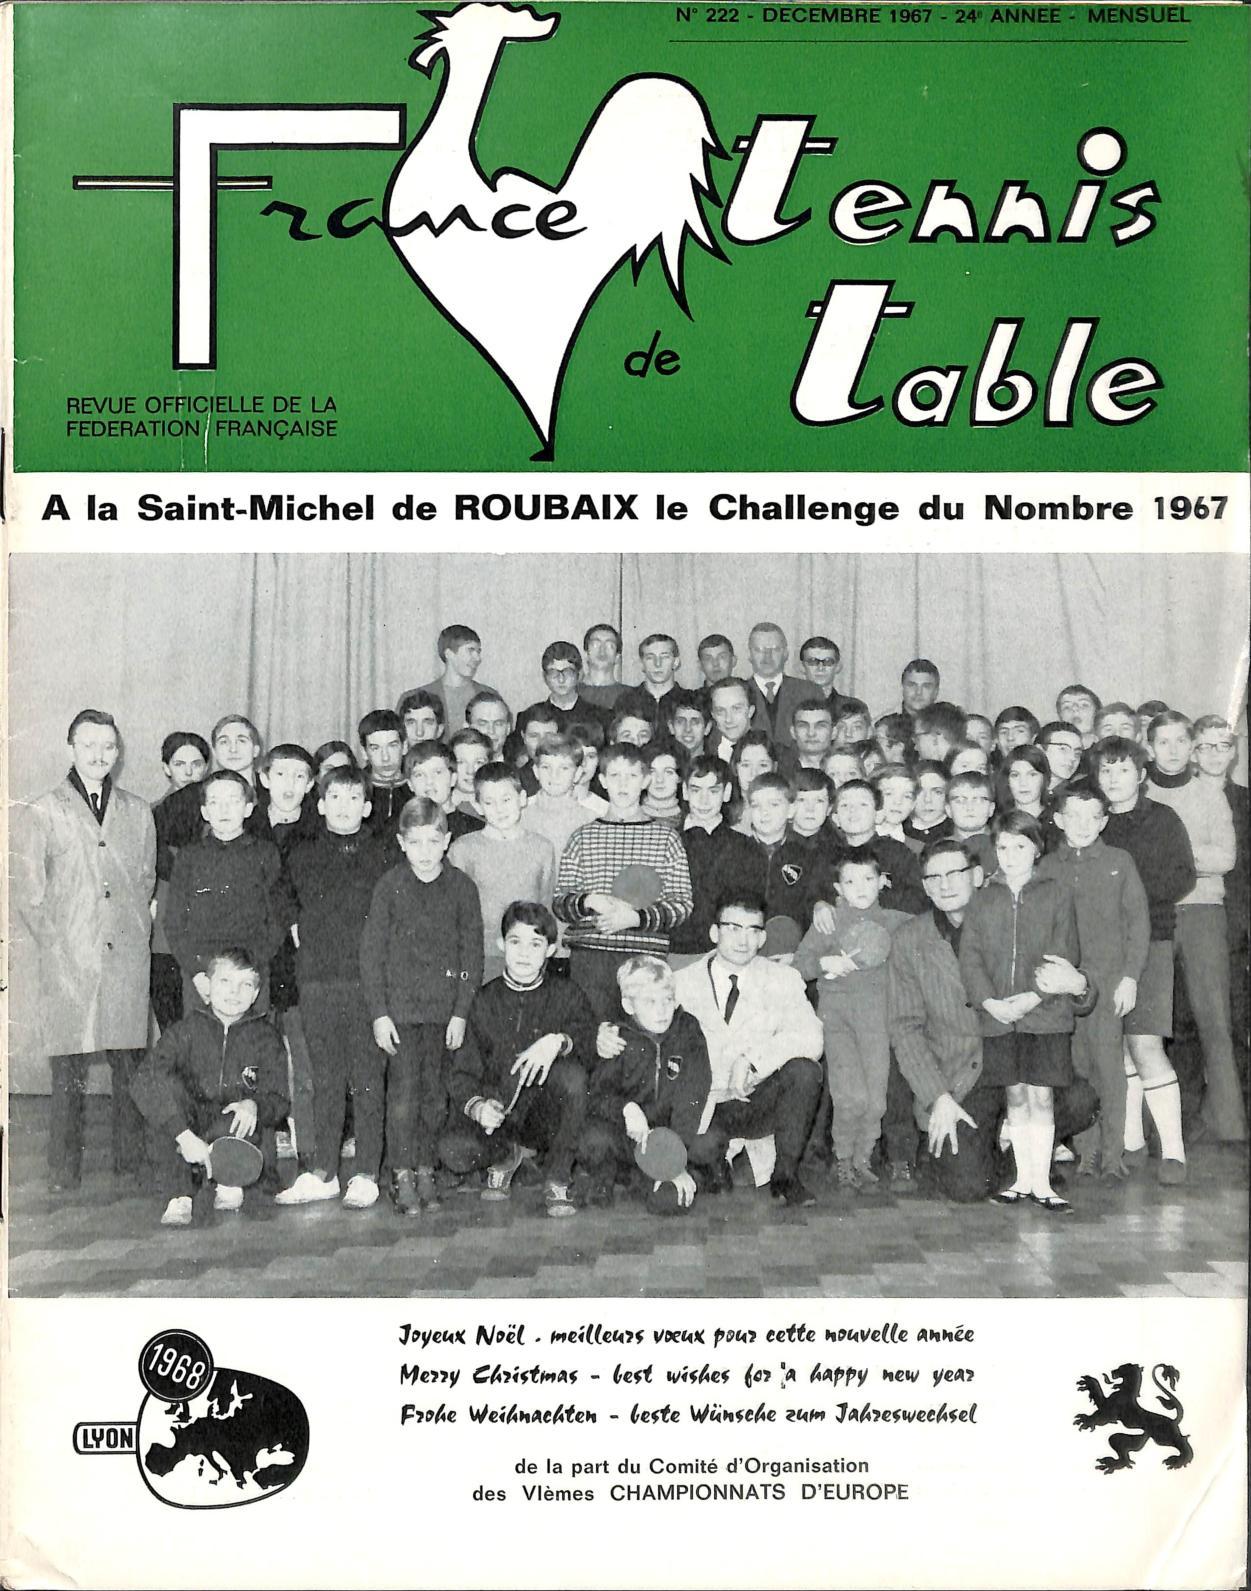 Calam o 1967 12 222 france tennis de table - Federation francaise tennis de table ...